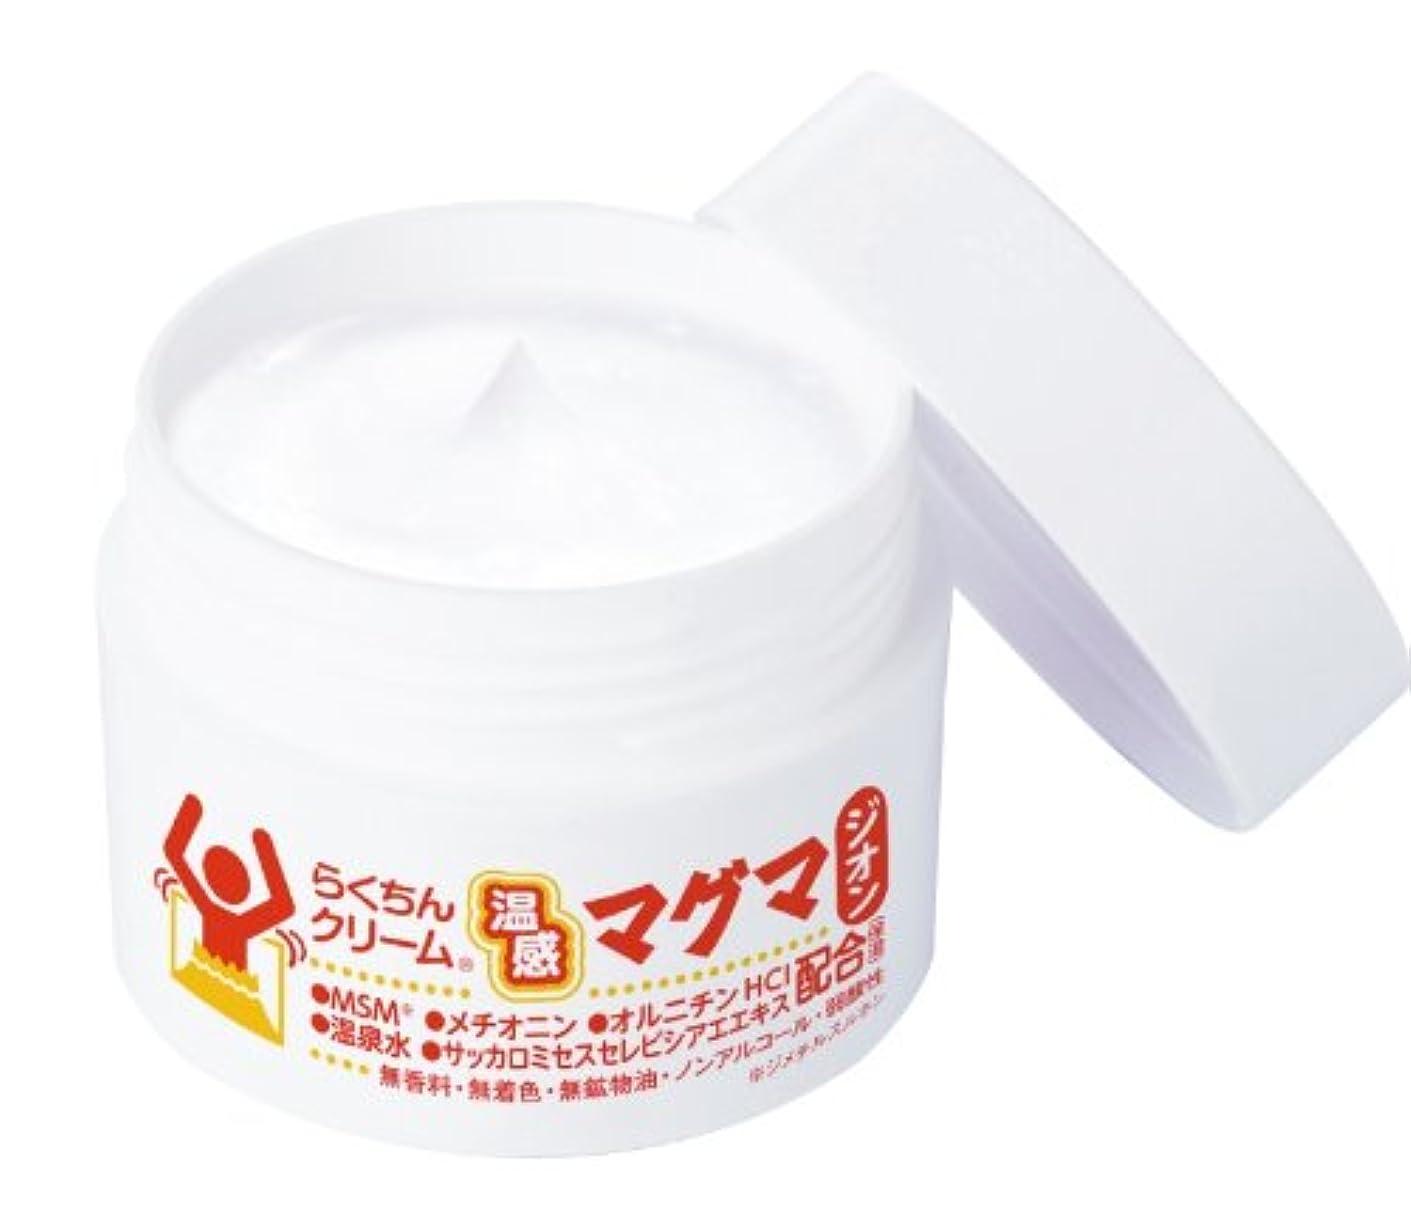 分泌するパラメータ言語らくちんクリーム 温感マグマ ジオン 2個セット ※プロも認めたマッサージクリーム!温感マグマ!自然素材の刺激がリラックス気分をもたらせます!